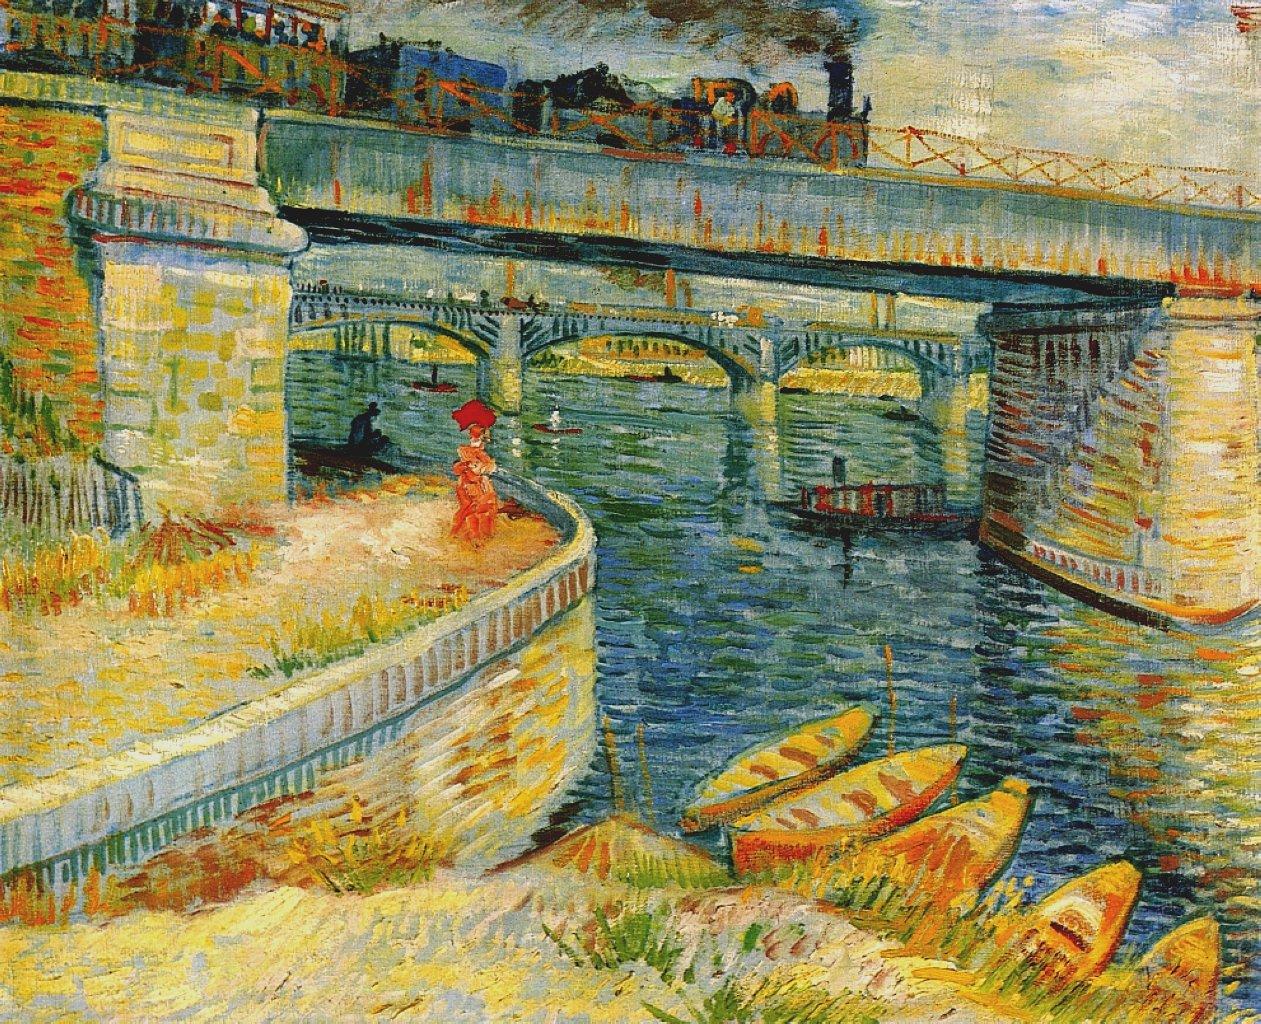 File:Vincent van Gogh - Bridges across the Seine at Asnieres.jpg